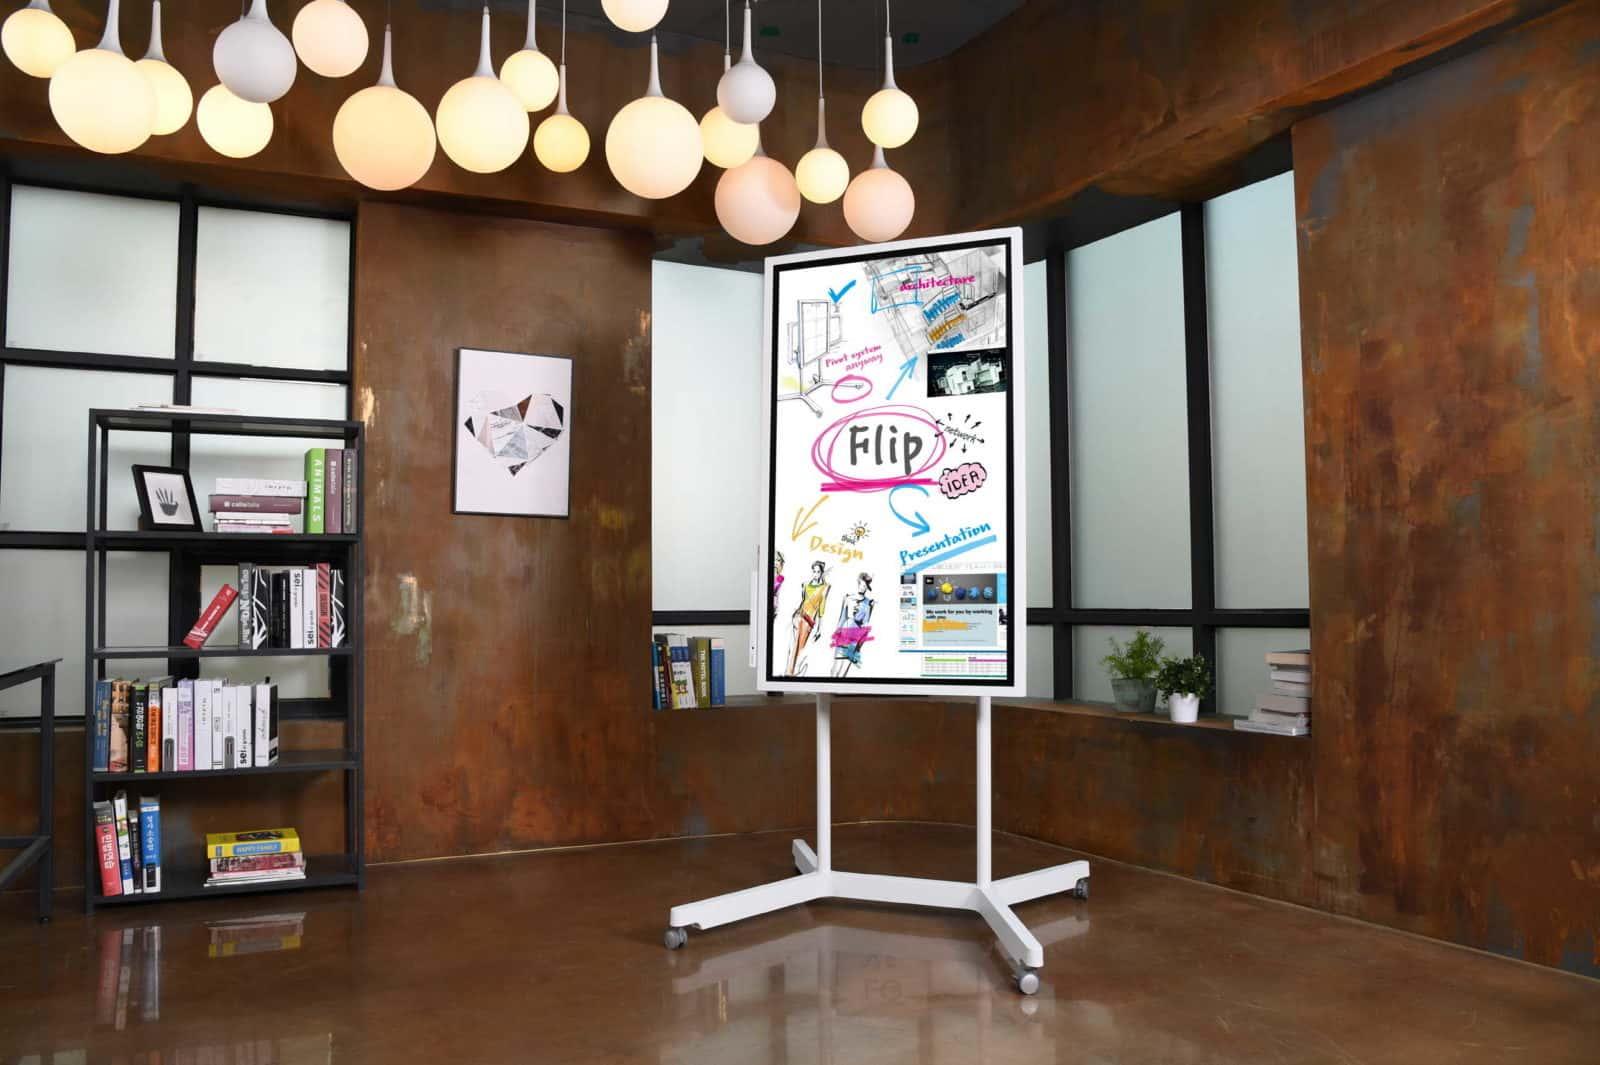 Samsung flip o quadro interativo para reuniões é destaque na conferência futuro rio 2